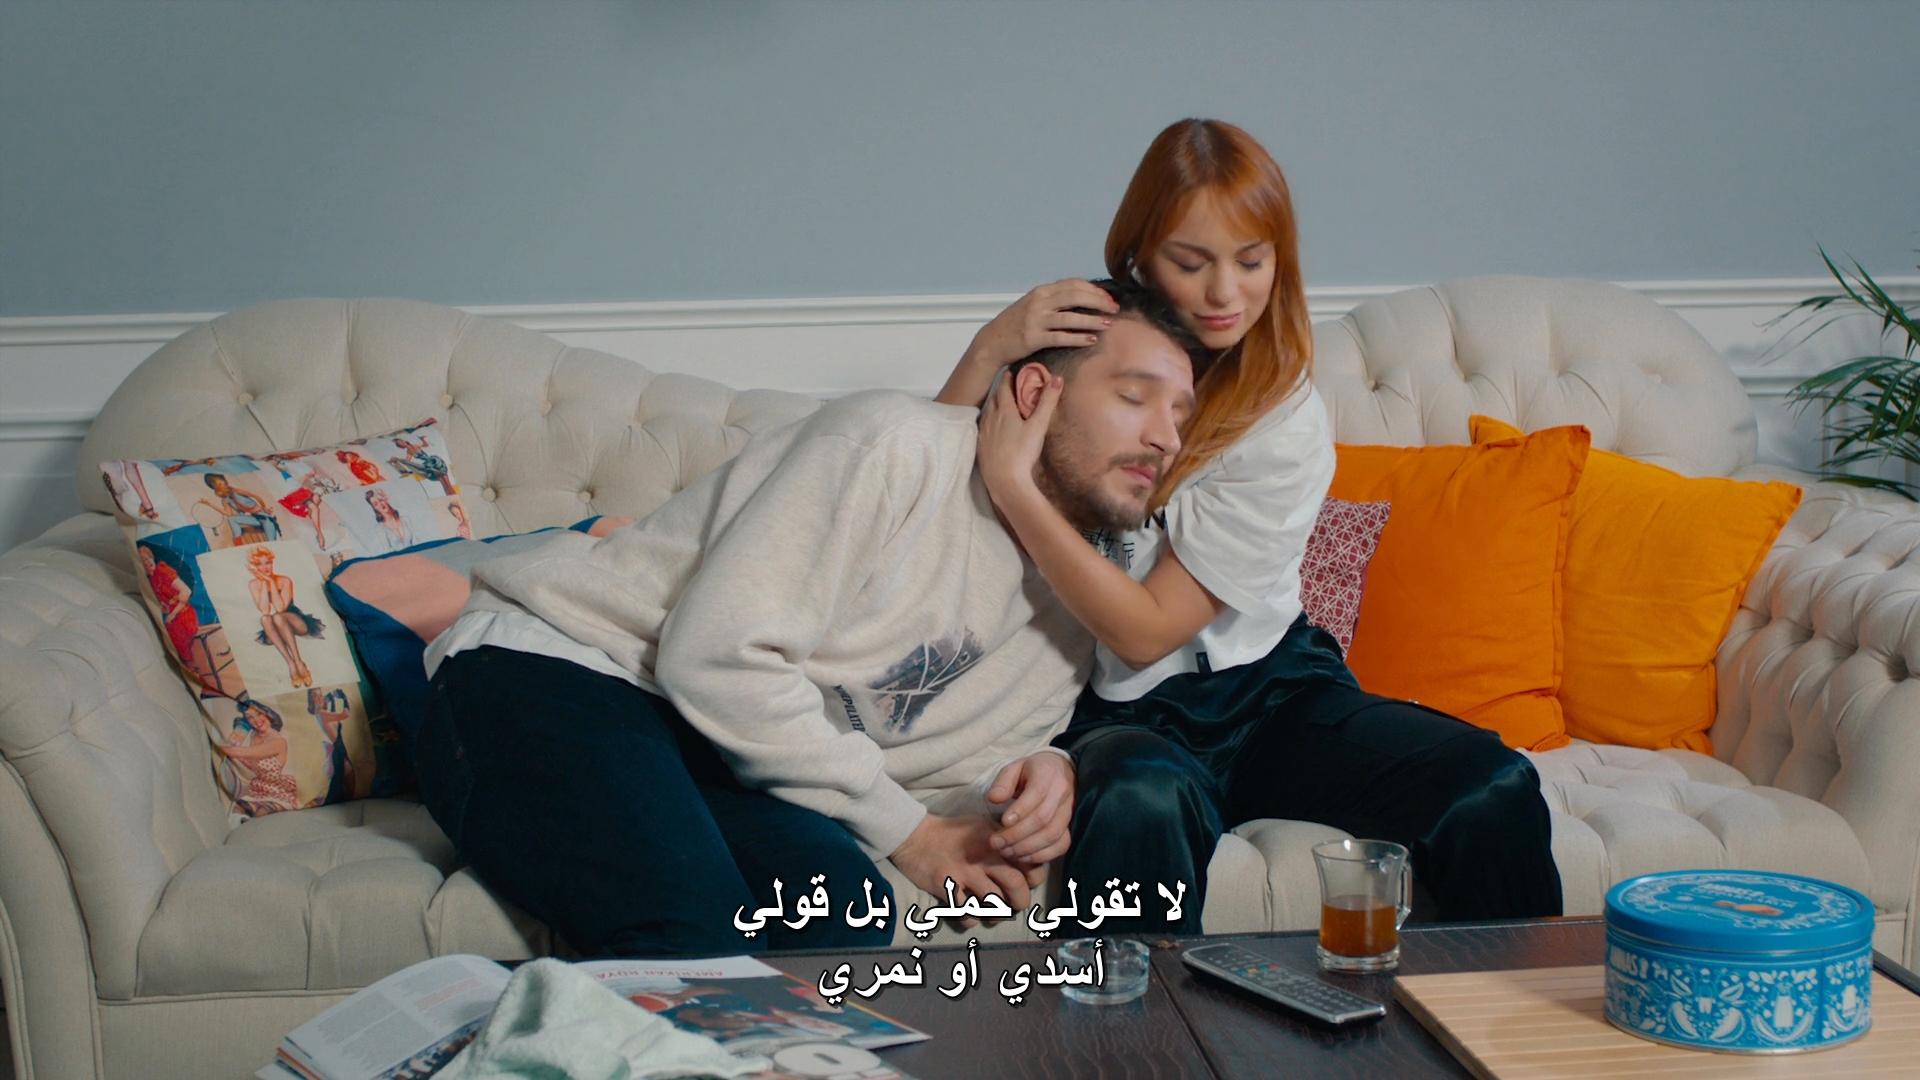 المسلسل التركي القصير نفس الشيء [م1 م2 م3][2019][مترجم][WEB DL][BLUTV][1080p] تحميل تورنت 16 arabp2p.com